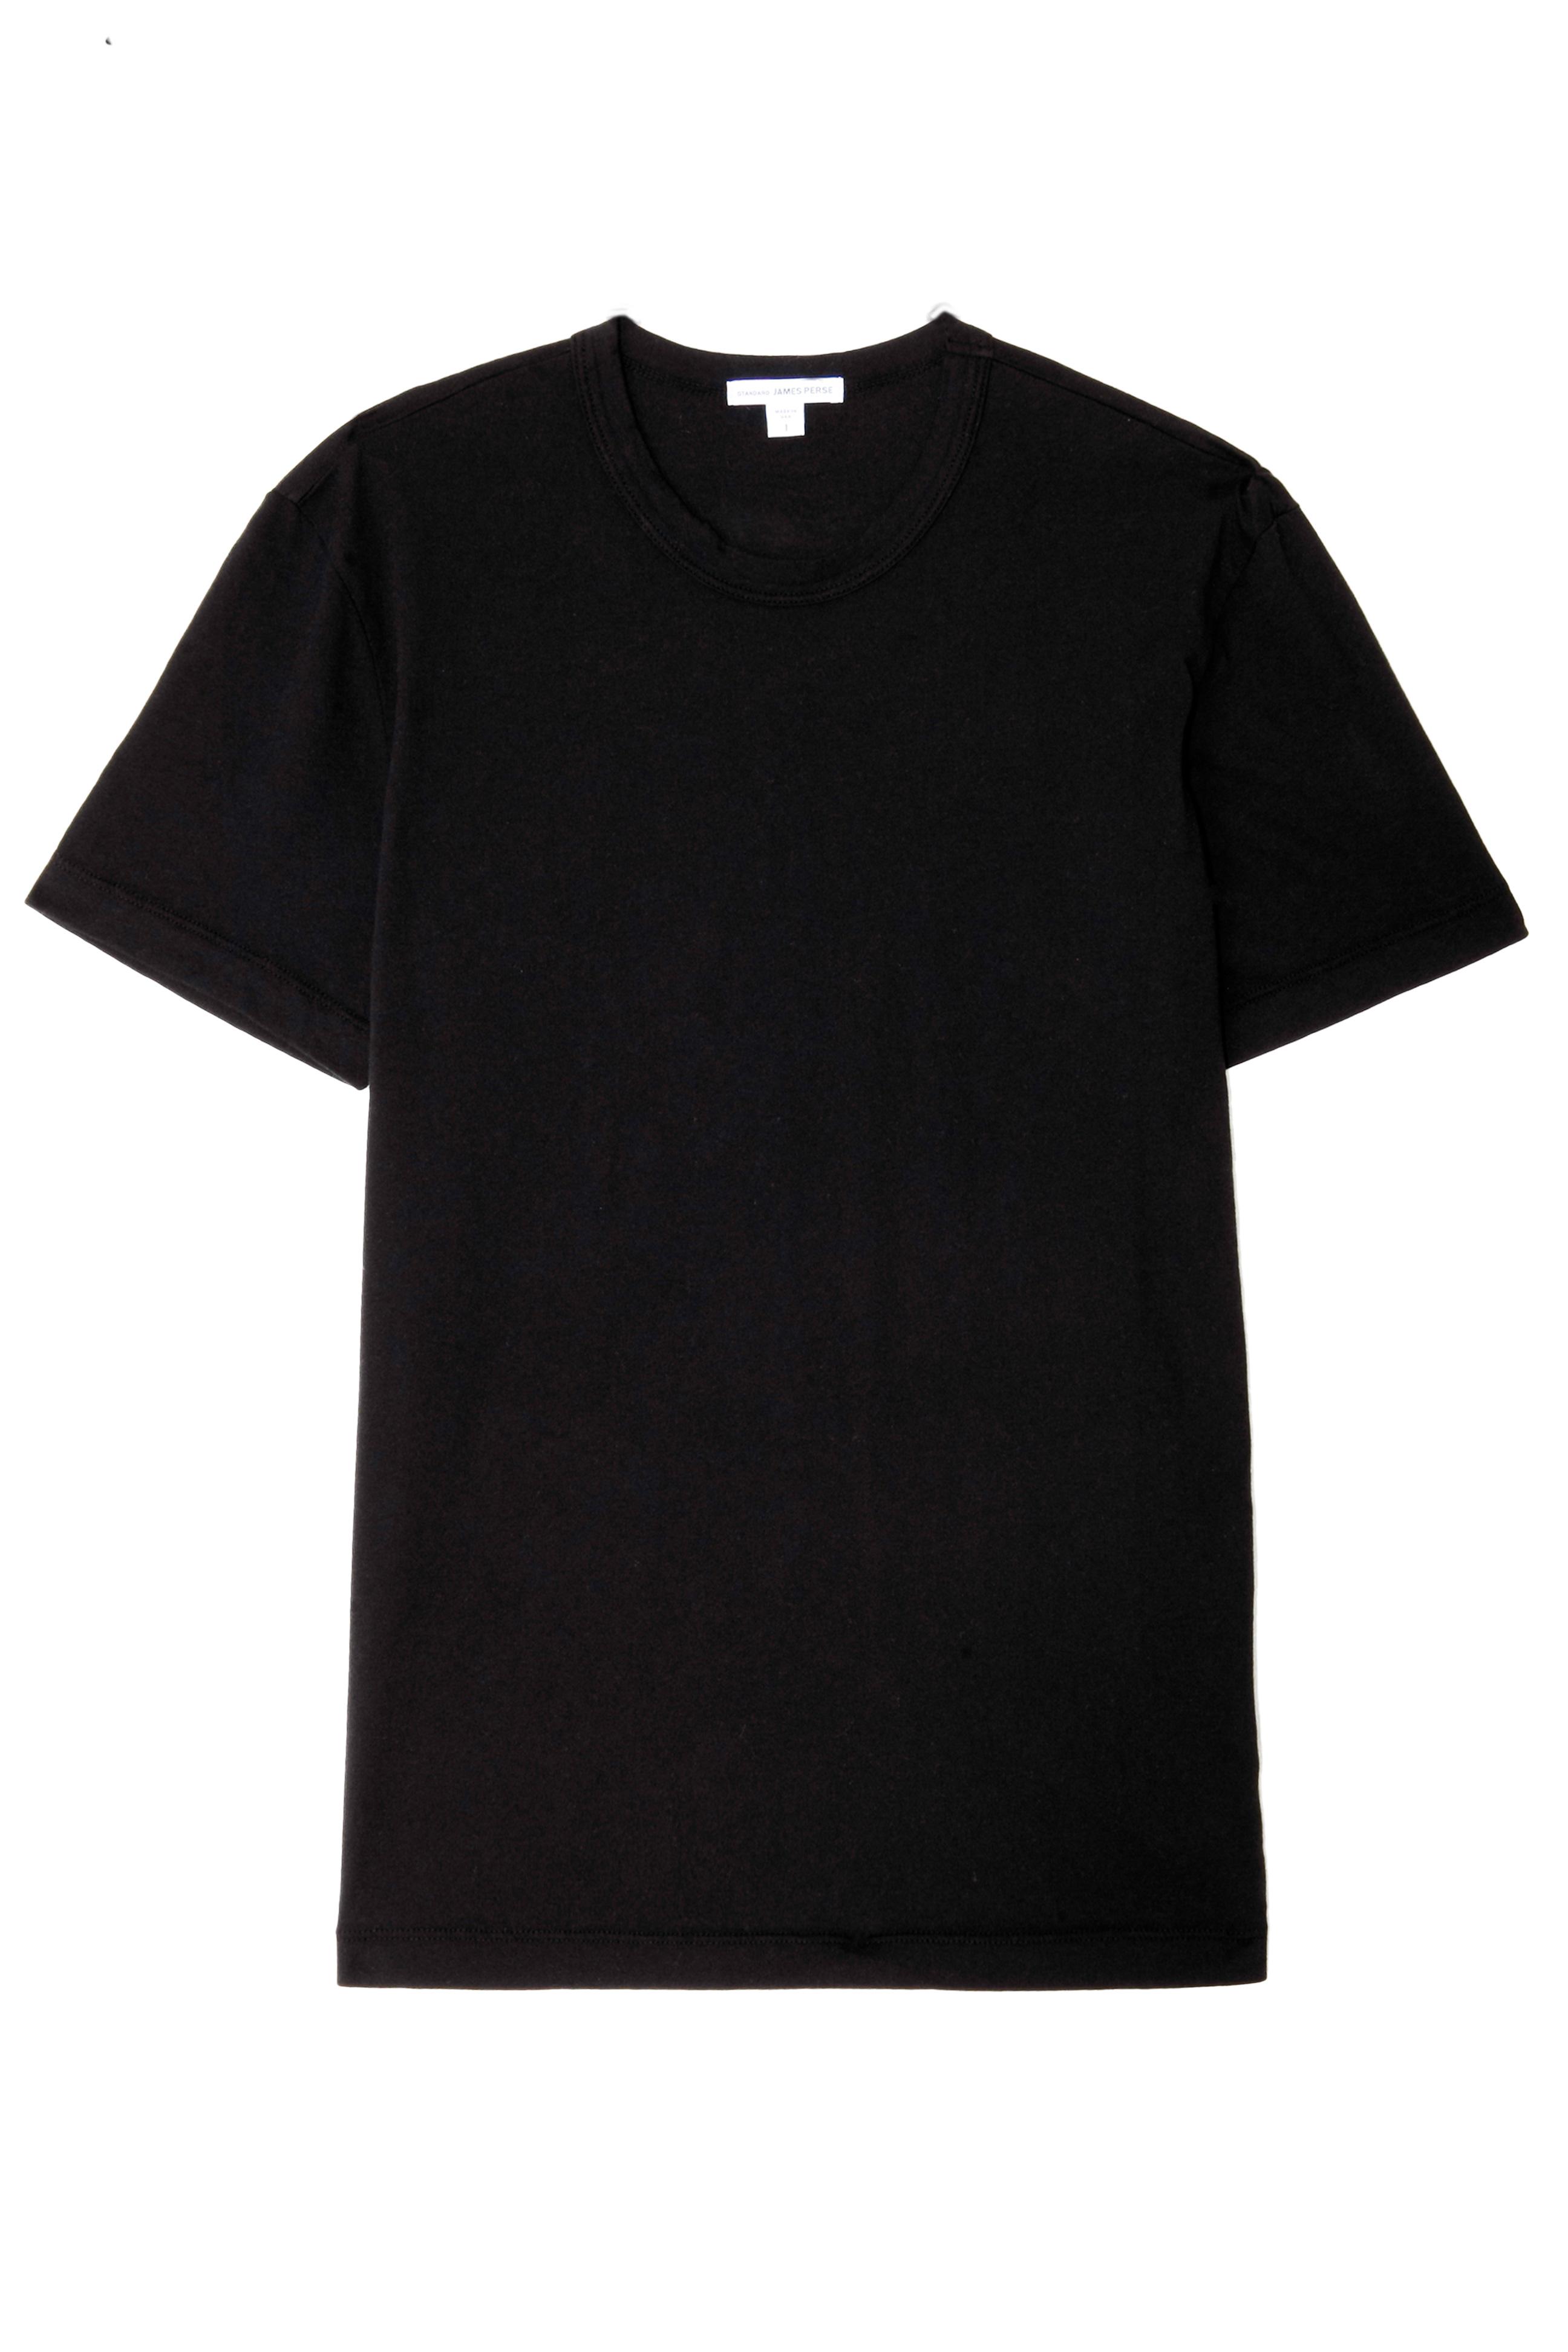 james perse basic v neck tshirt in black for men lyst. Black Bedroom Furniture Sets. Home Design Ideas